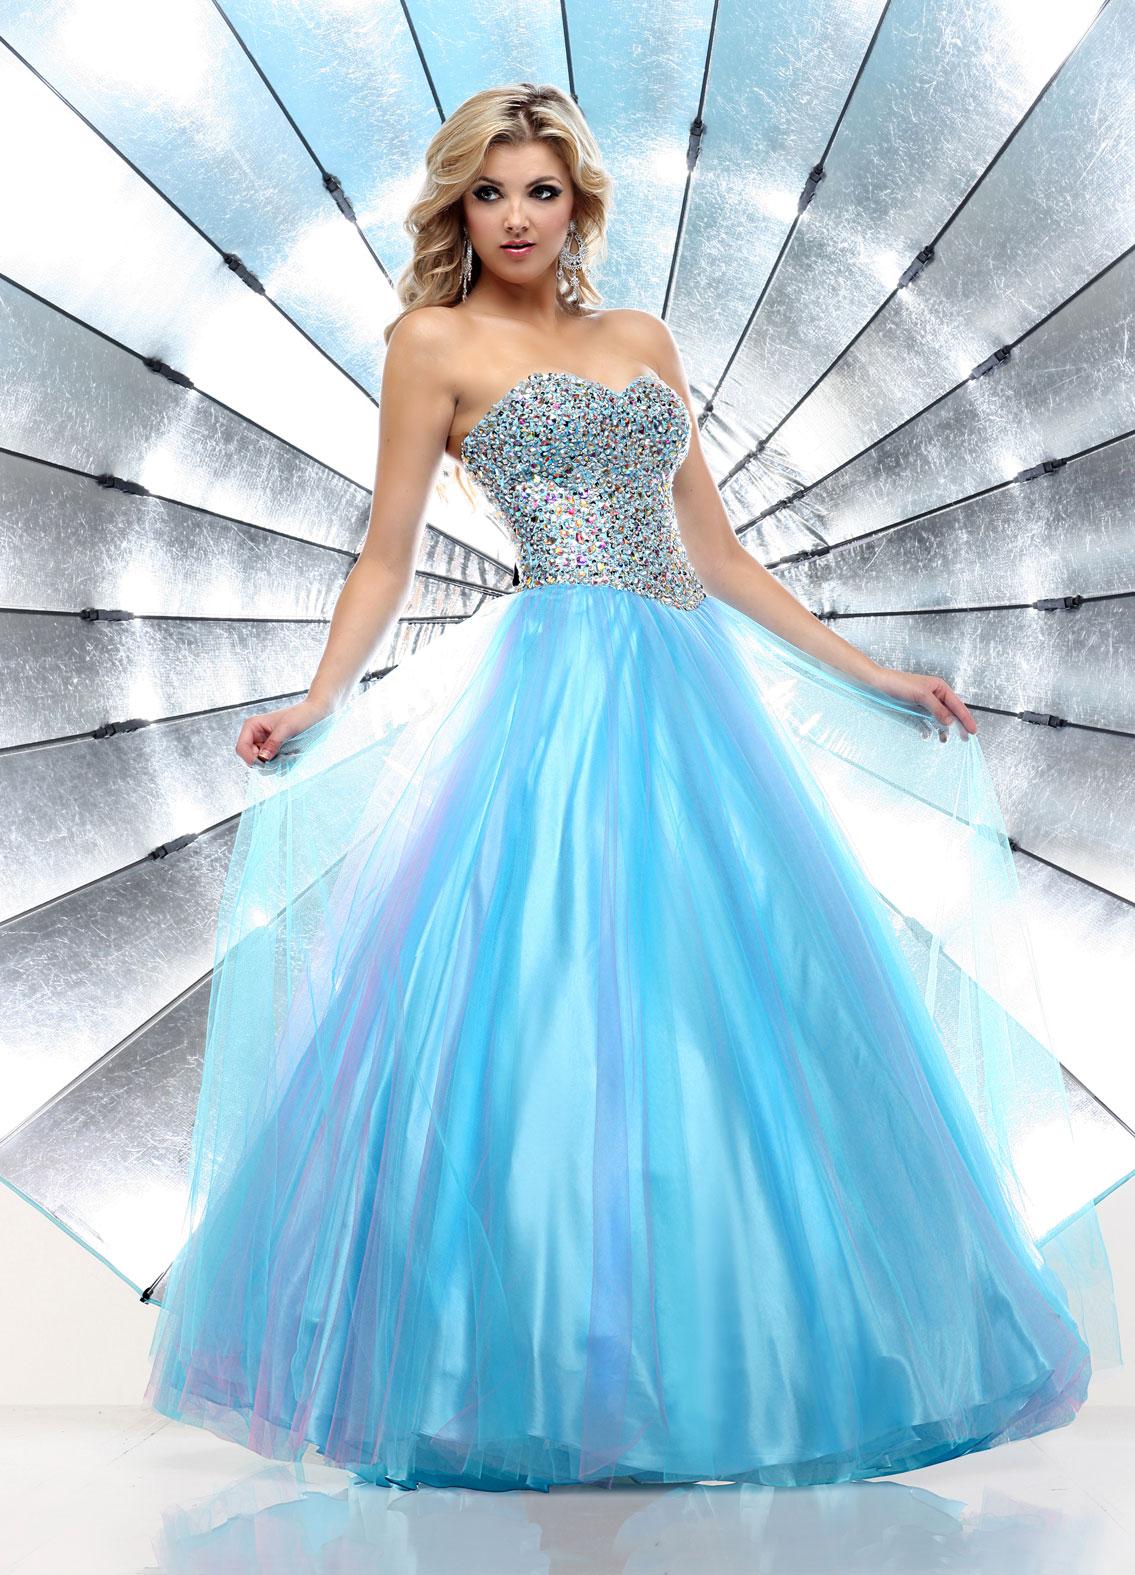 76b1f75ac Lo ultimo en vestidos de 15 años - Colección de vestidos 2016